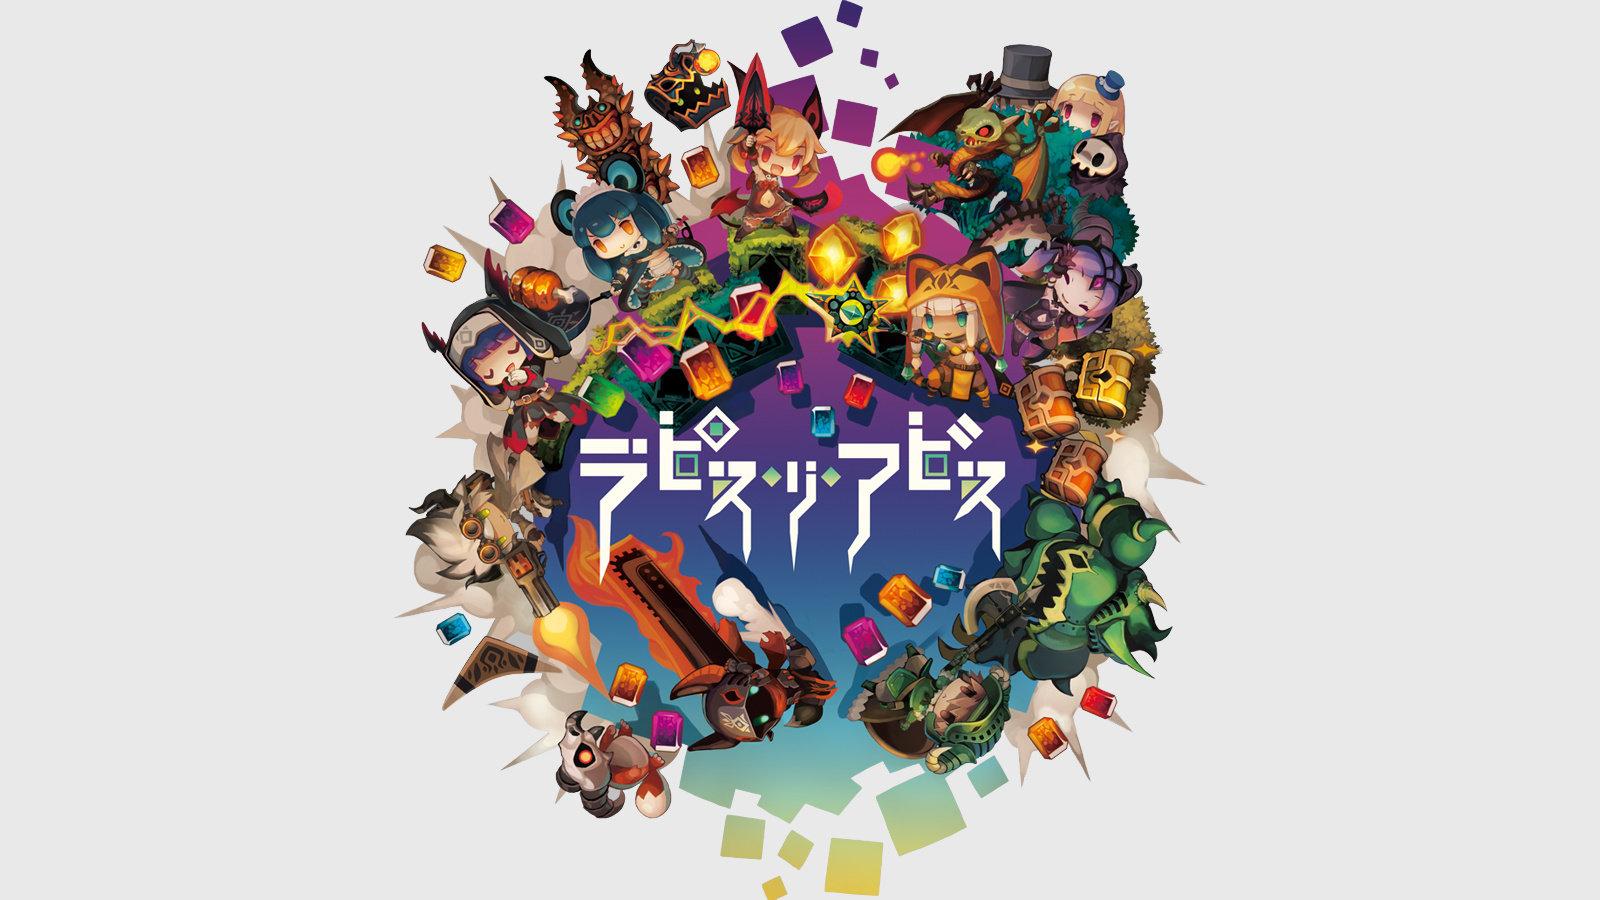 日本一新作《Lapis Re Abyss》公布